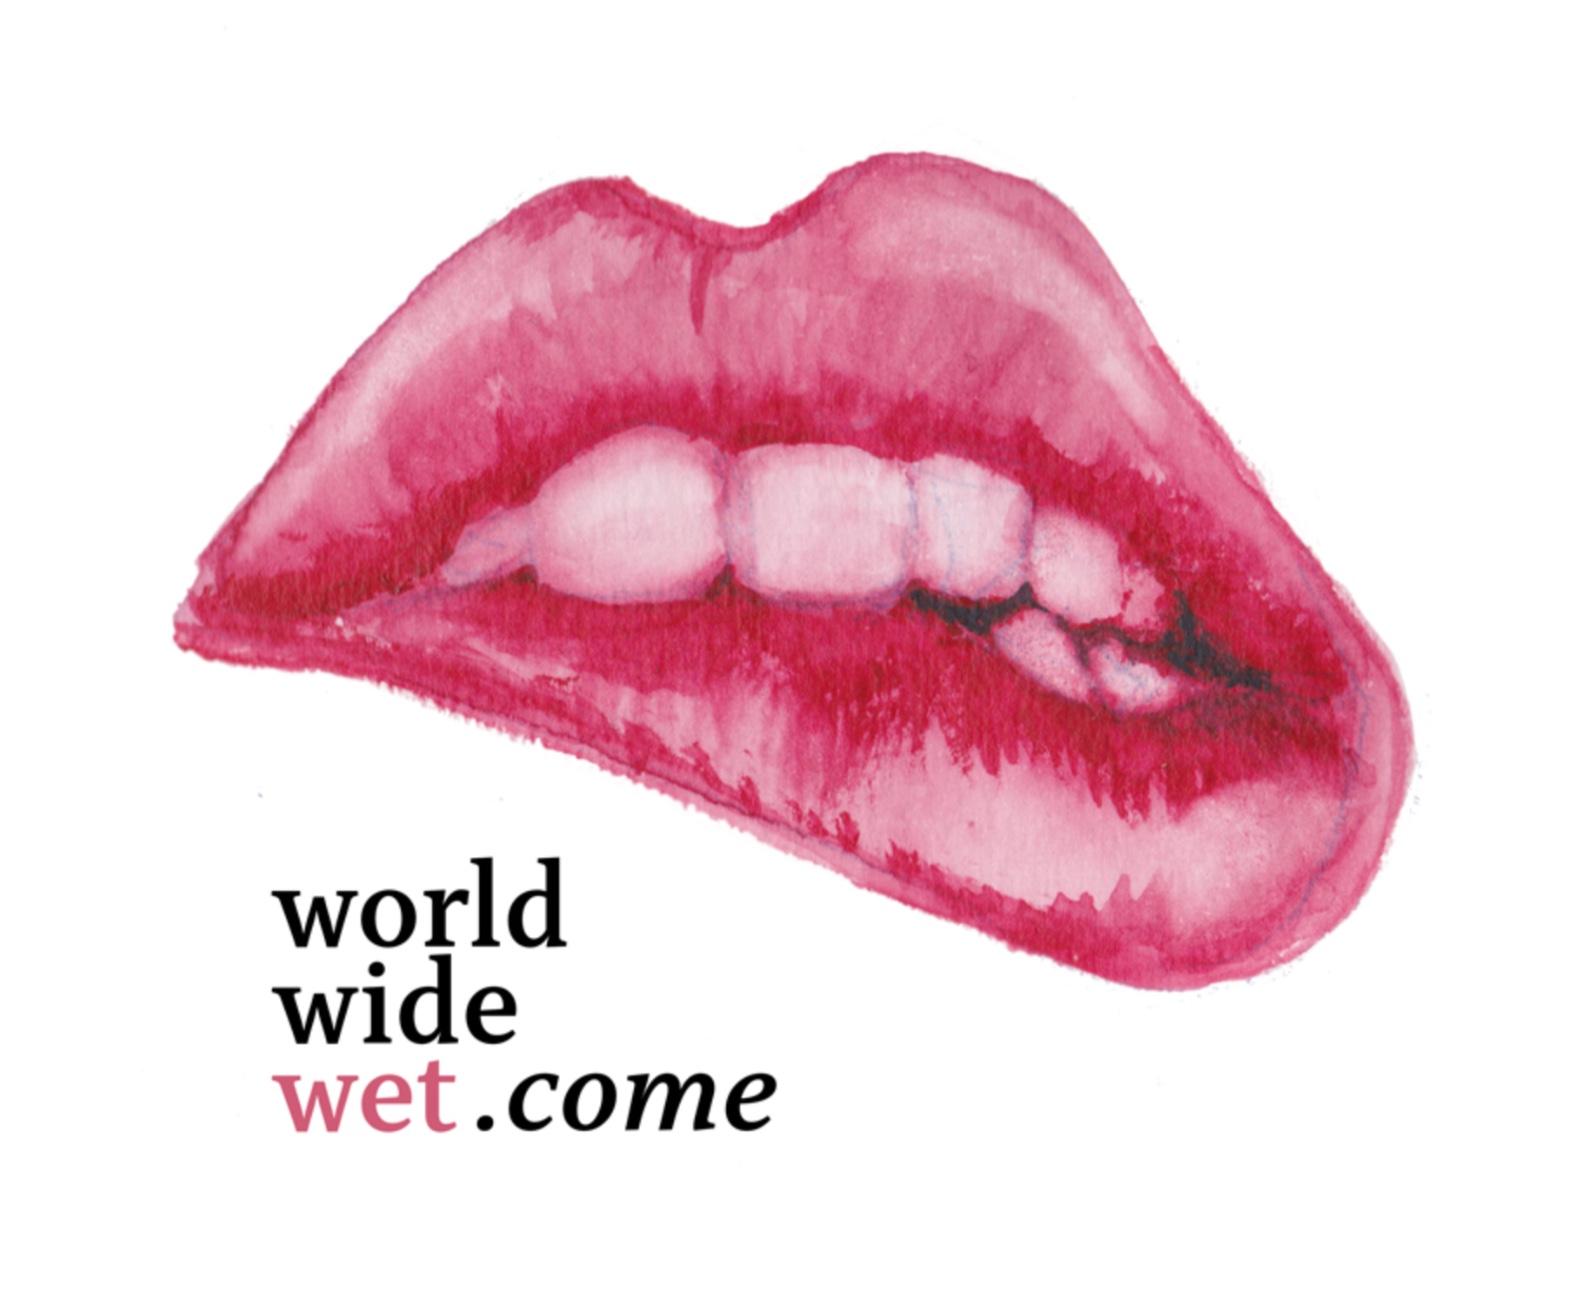 Goedele zoekt vrouwelijke fantasieën wereldwijd